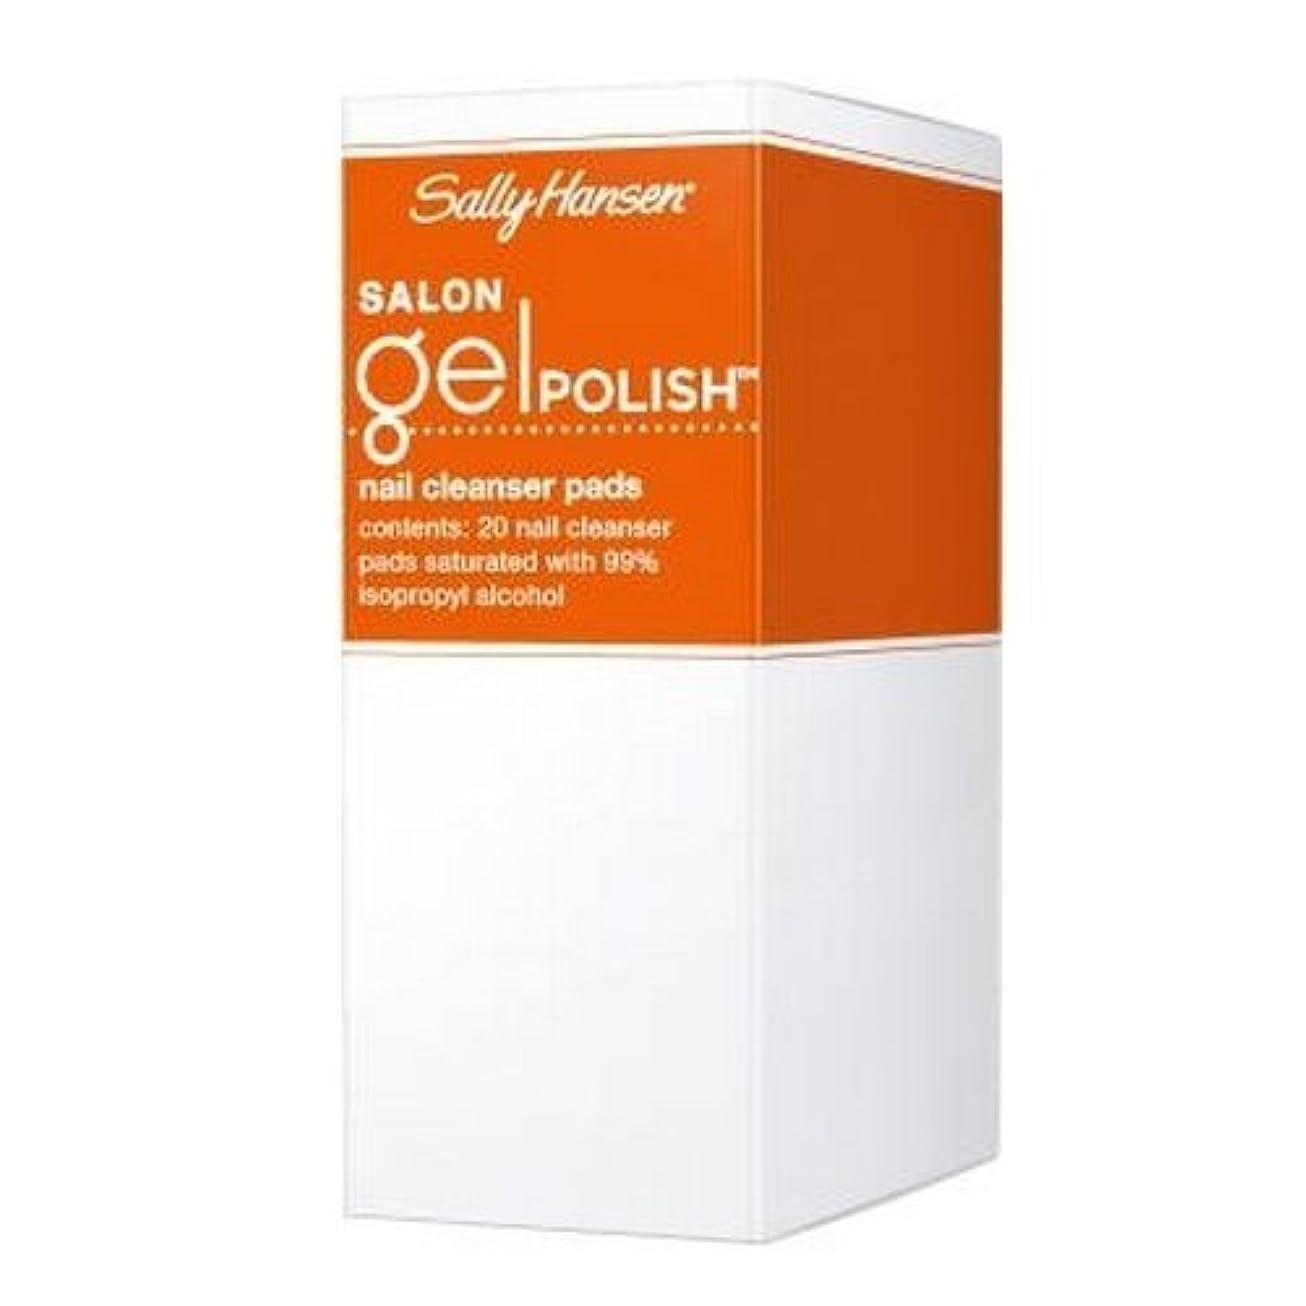 キャンペーンレスリング第三(3 Pack) SALLY HANSEN Salon Gel Polish Nail Cleanser Pads - Gel Polish Cleanser Pads (並行輸入品)